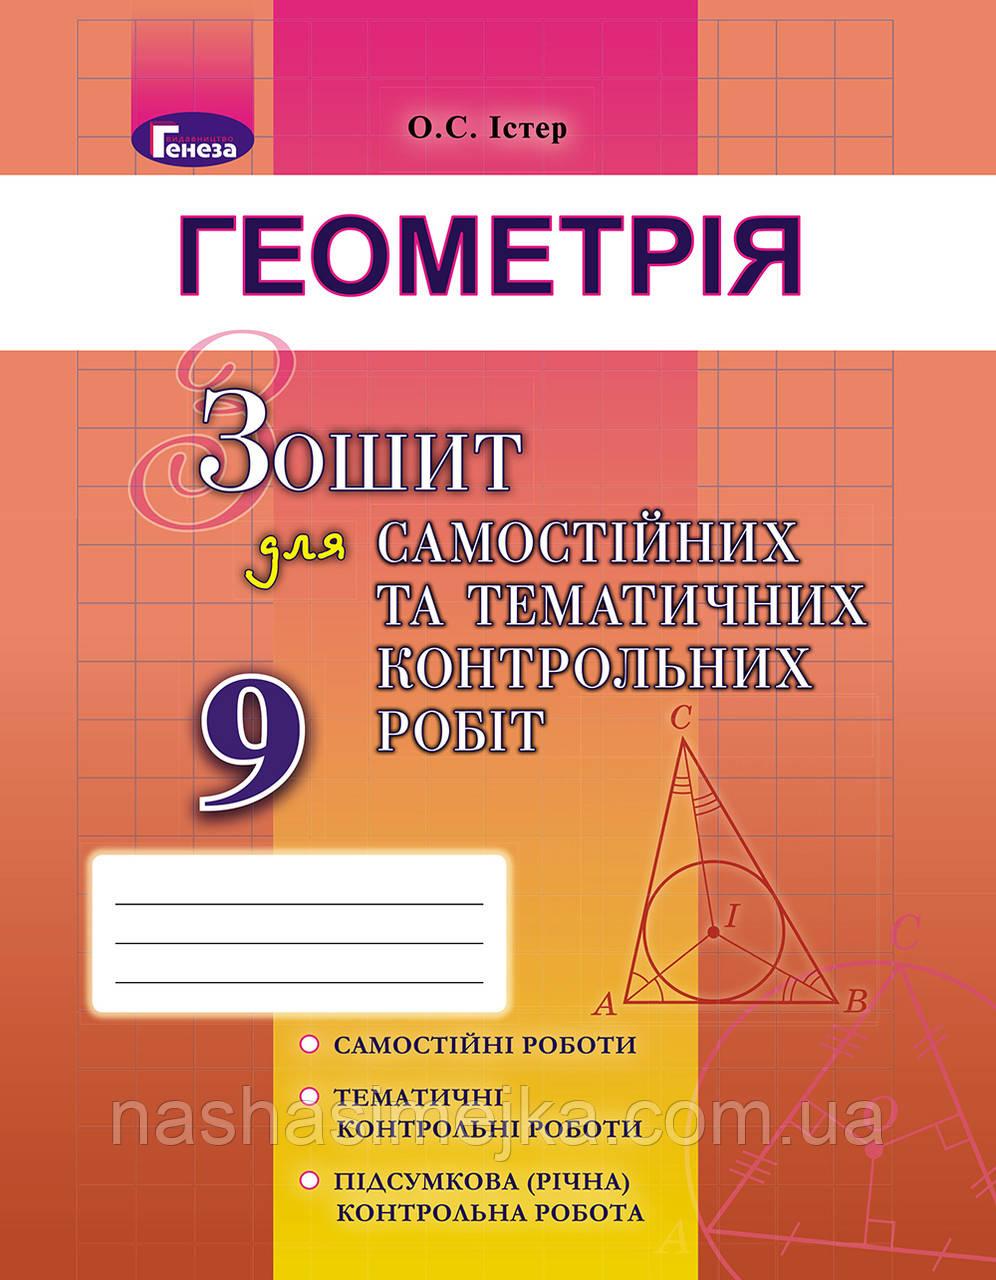 Геометрія 9 клас. Зошит для самостійних та тематичних контрольних робіт - Істер О. С. (Генеза)